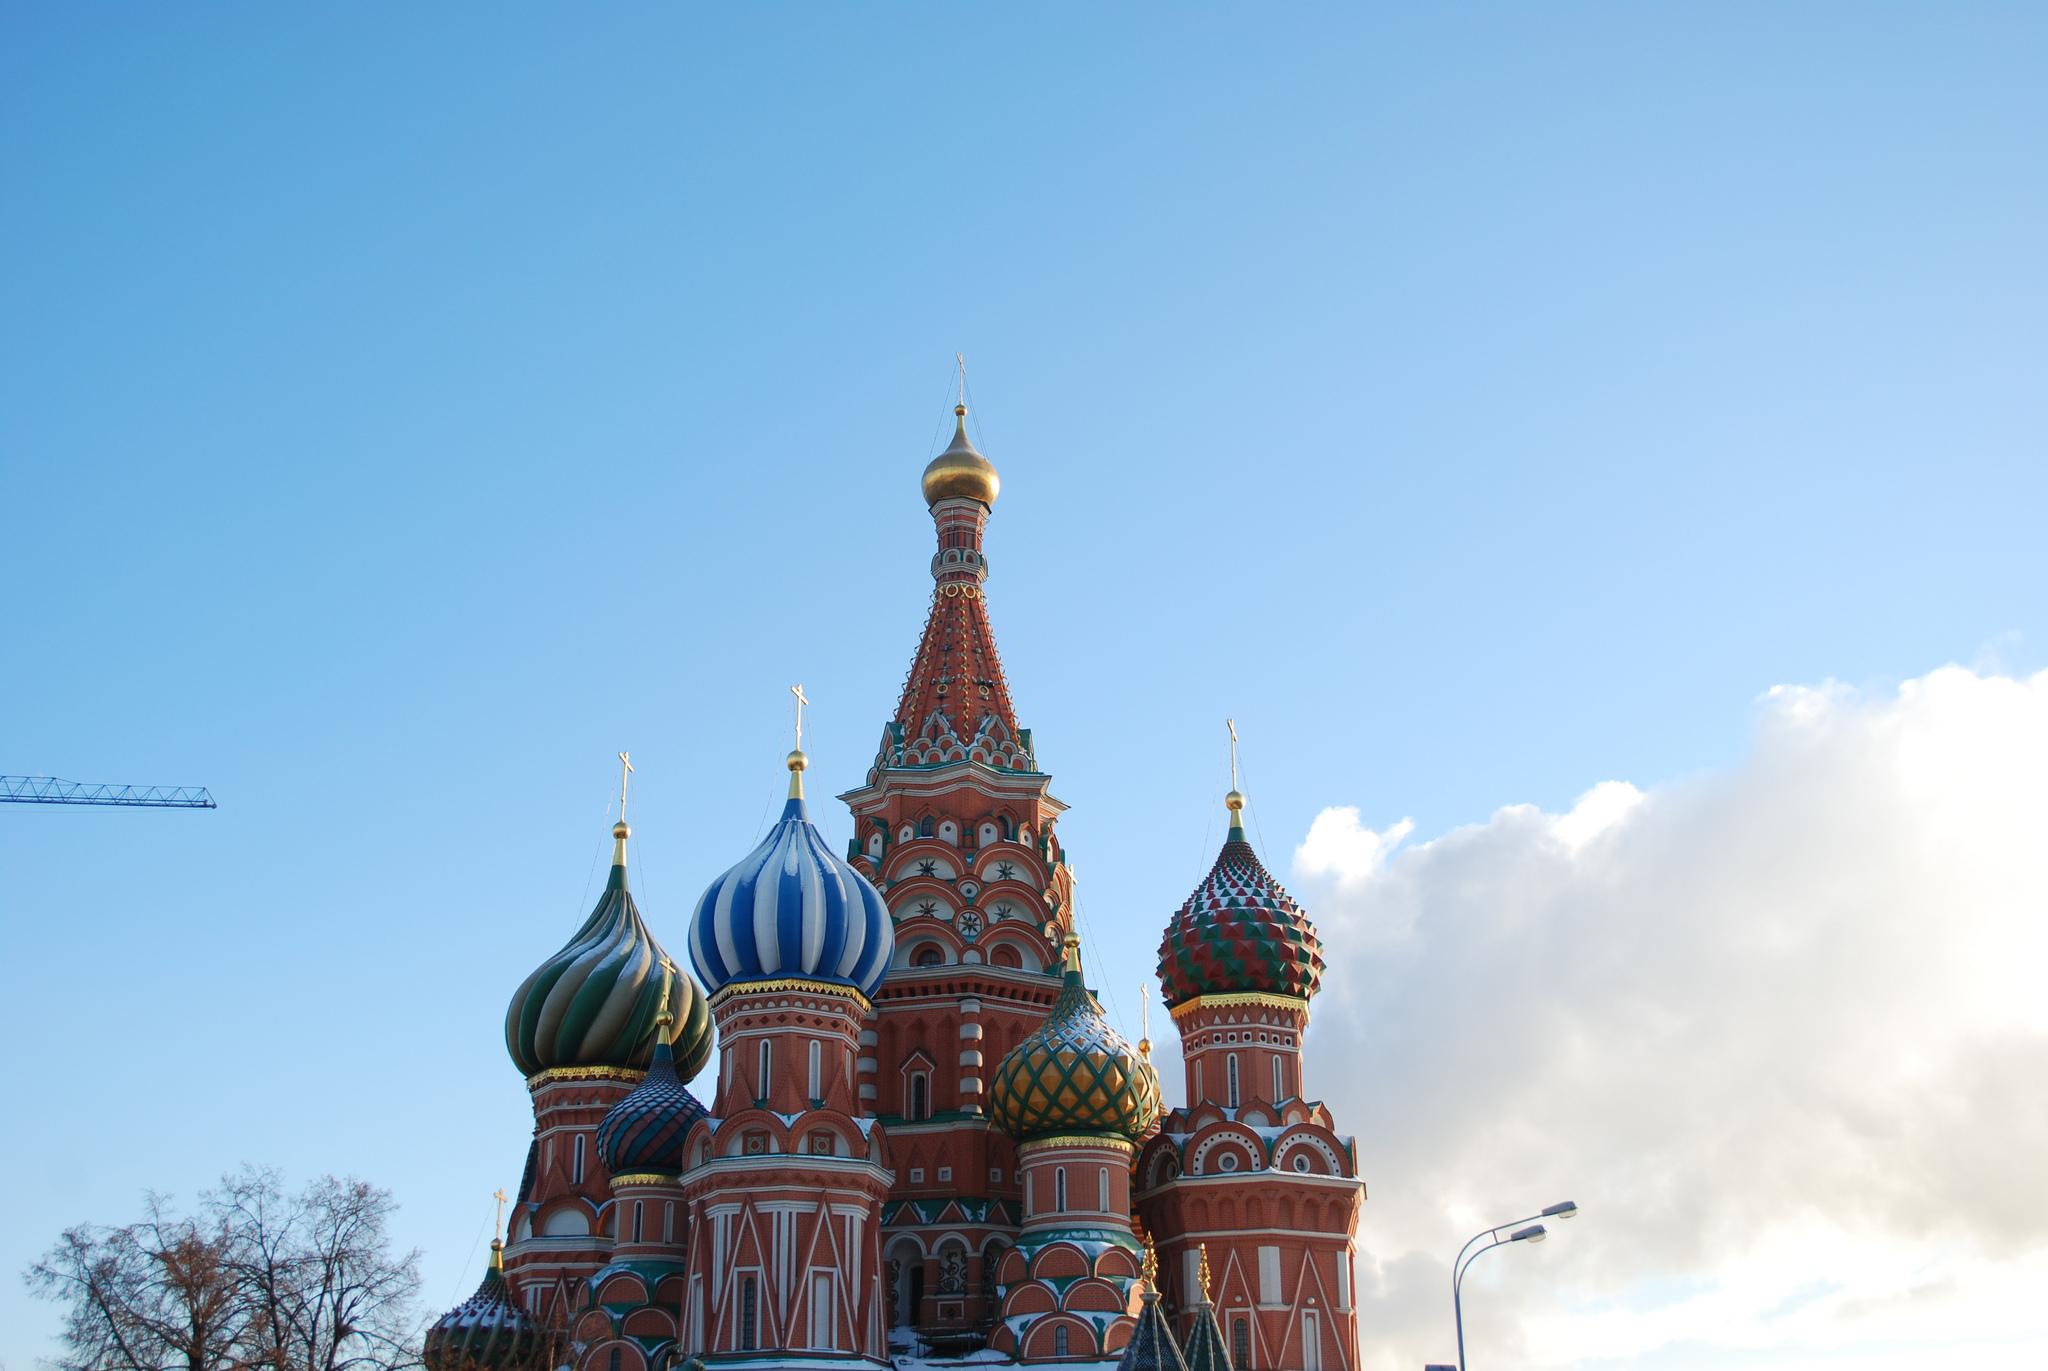 Cathédrale saint-Basile, Moscou (Fédération de Russie), photo de George M. Groutas sur Flickr, 2012